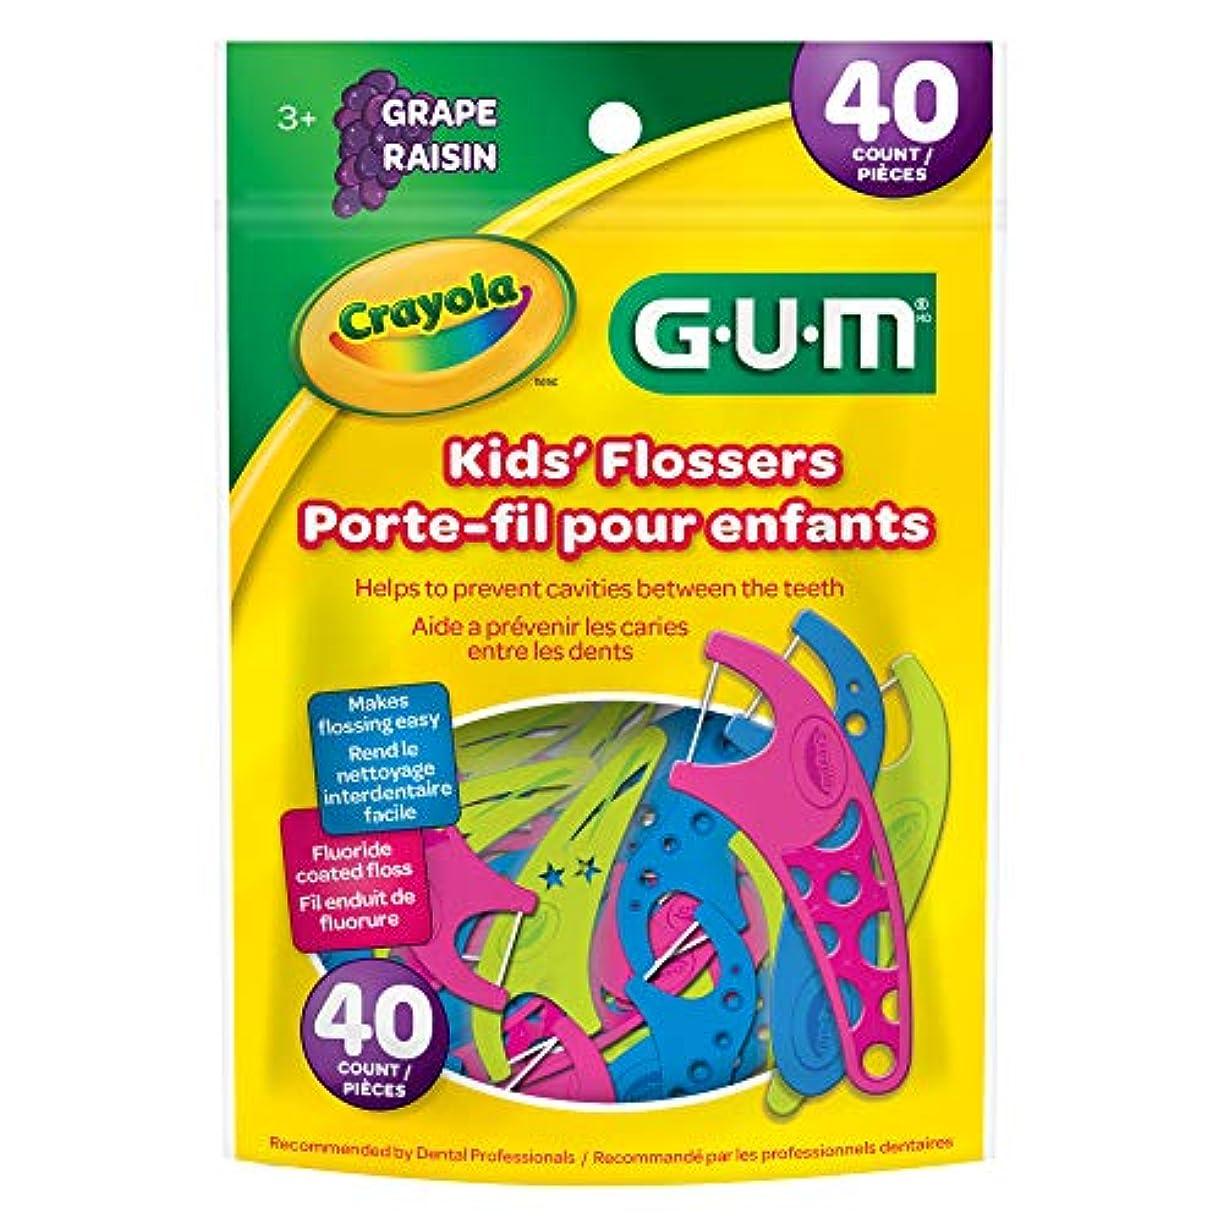 受粉する明らかに百年GUM® Crayola™ Kids' Flossers 40本入り キッズ・フロッサー